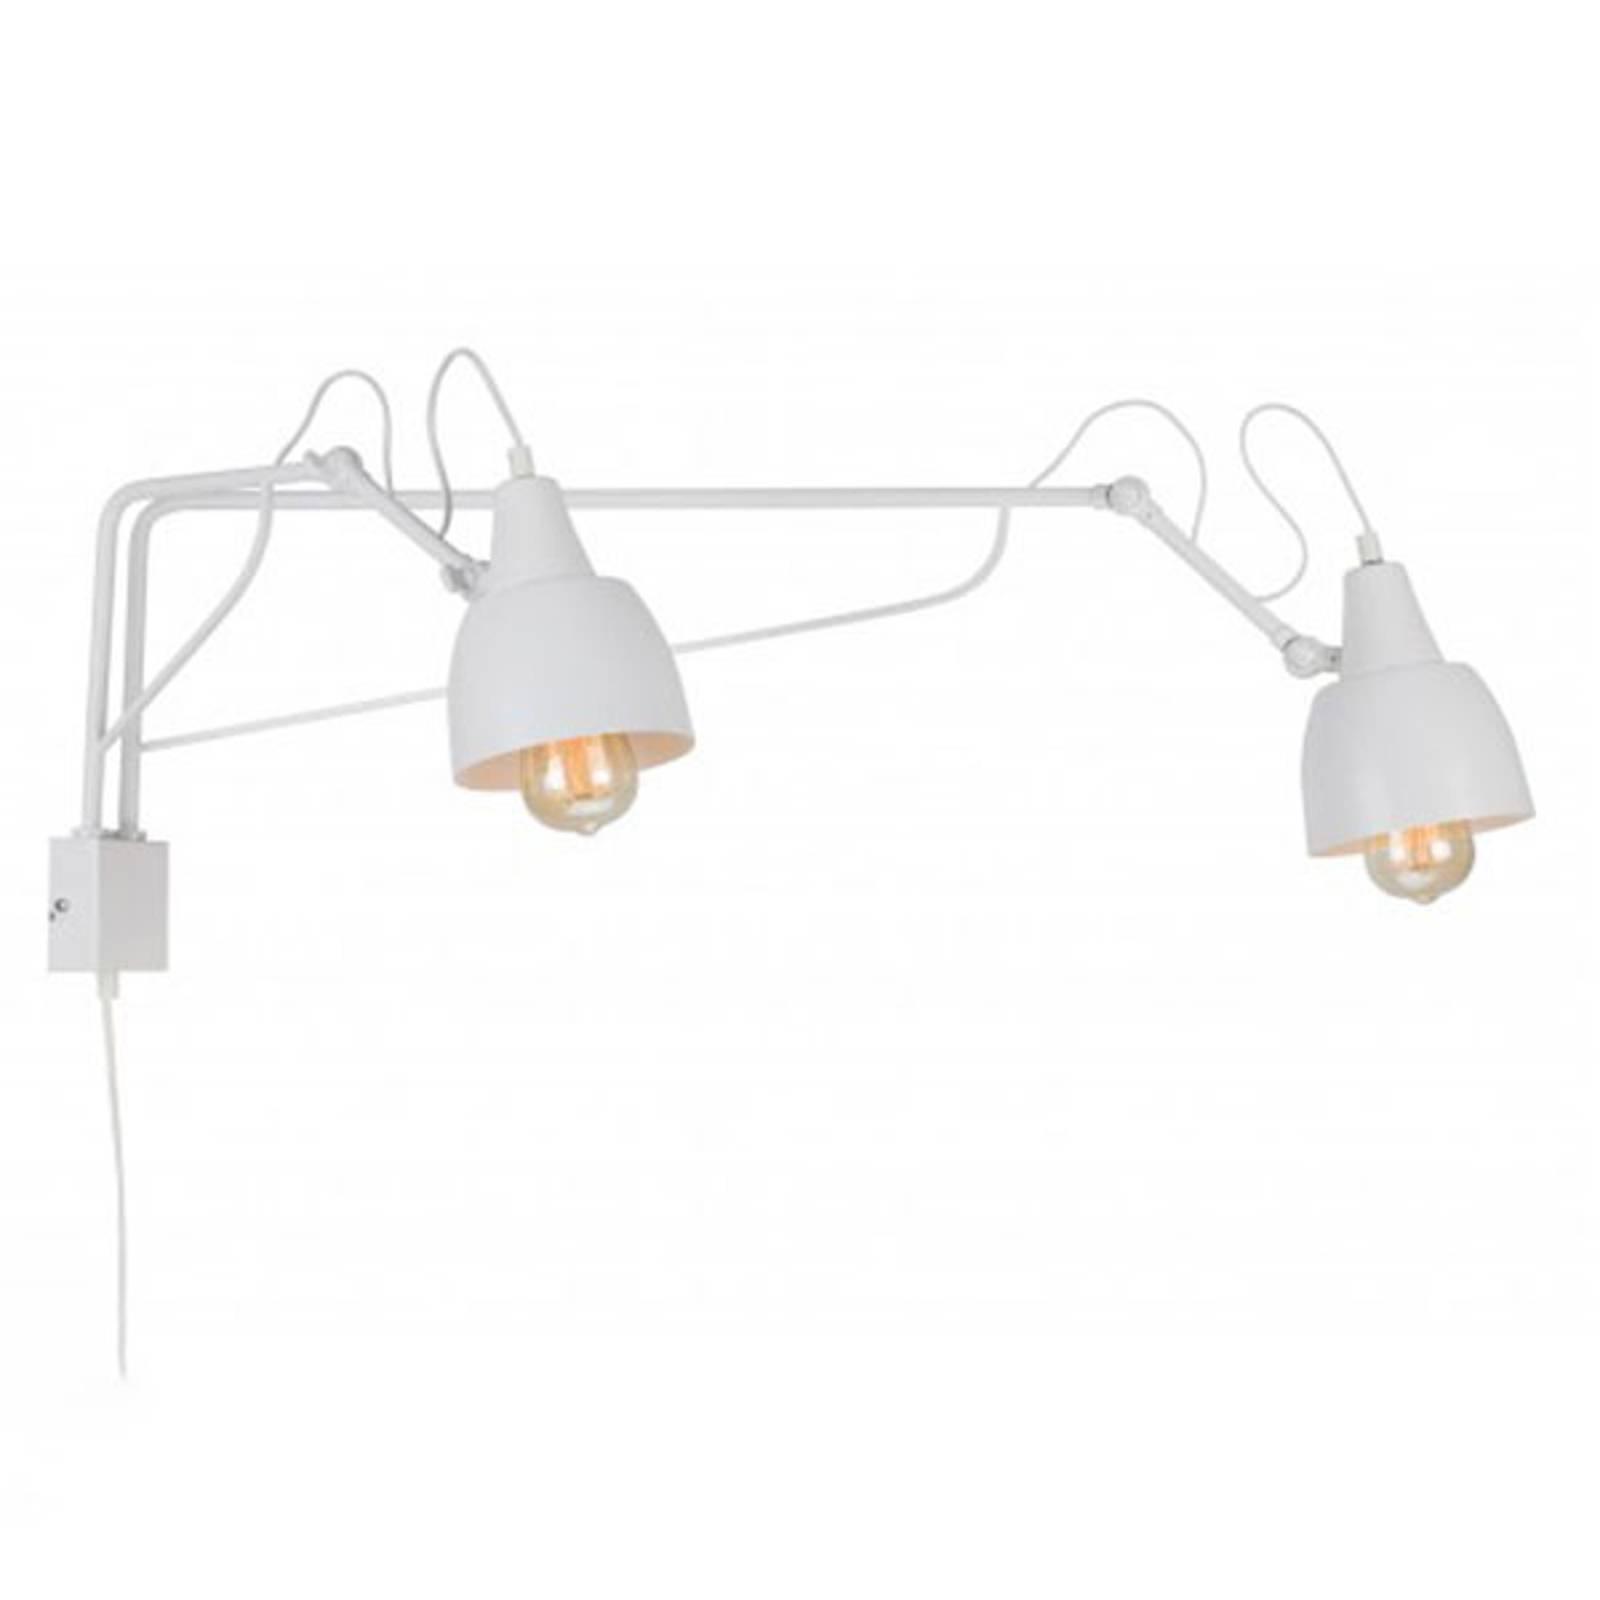 Bilde av 1002 Vegglampe Med Plugg, 2 Lyskilder, Hvit